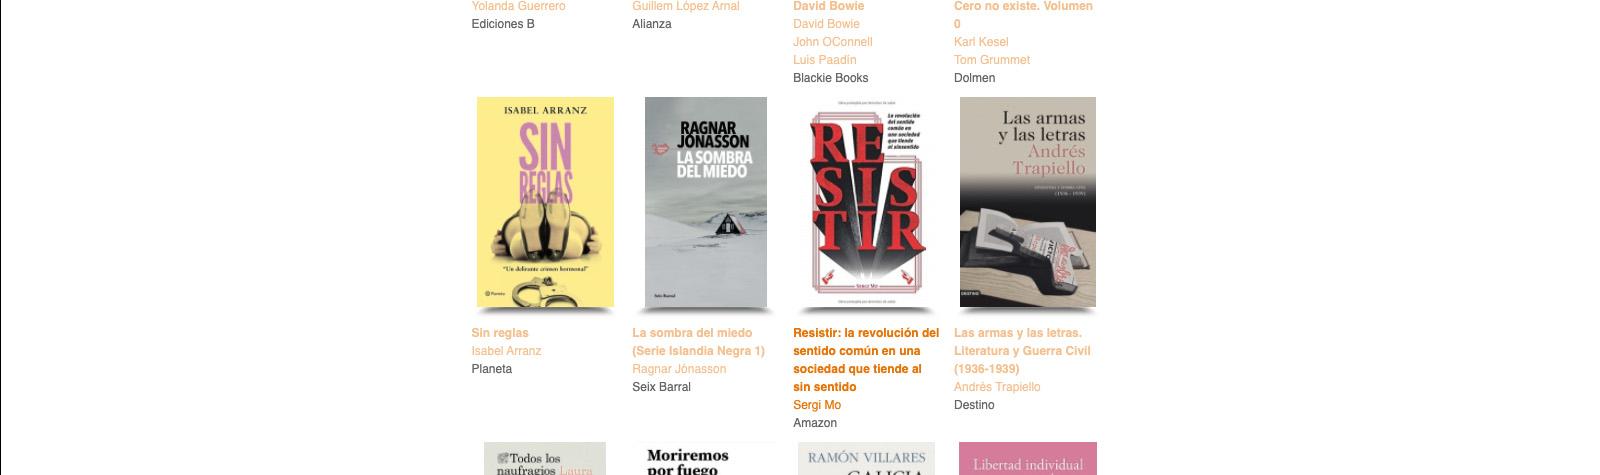 El blog literario pionero en España reseña Resistir